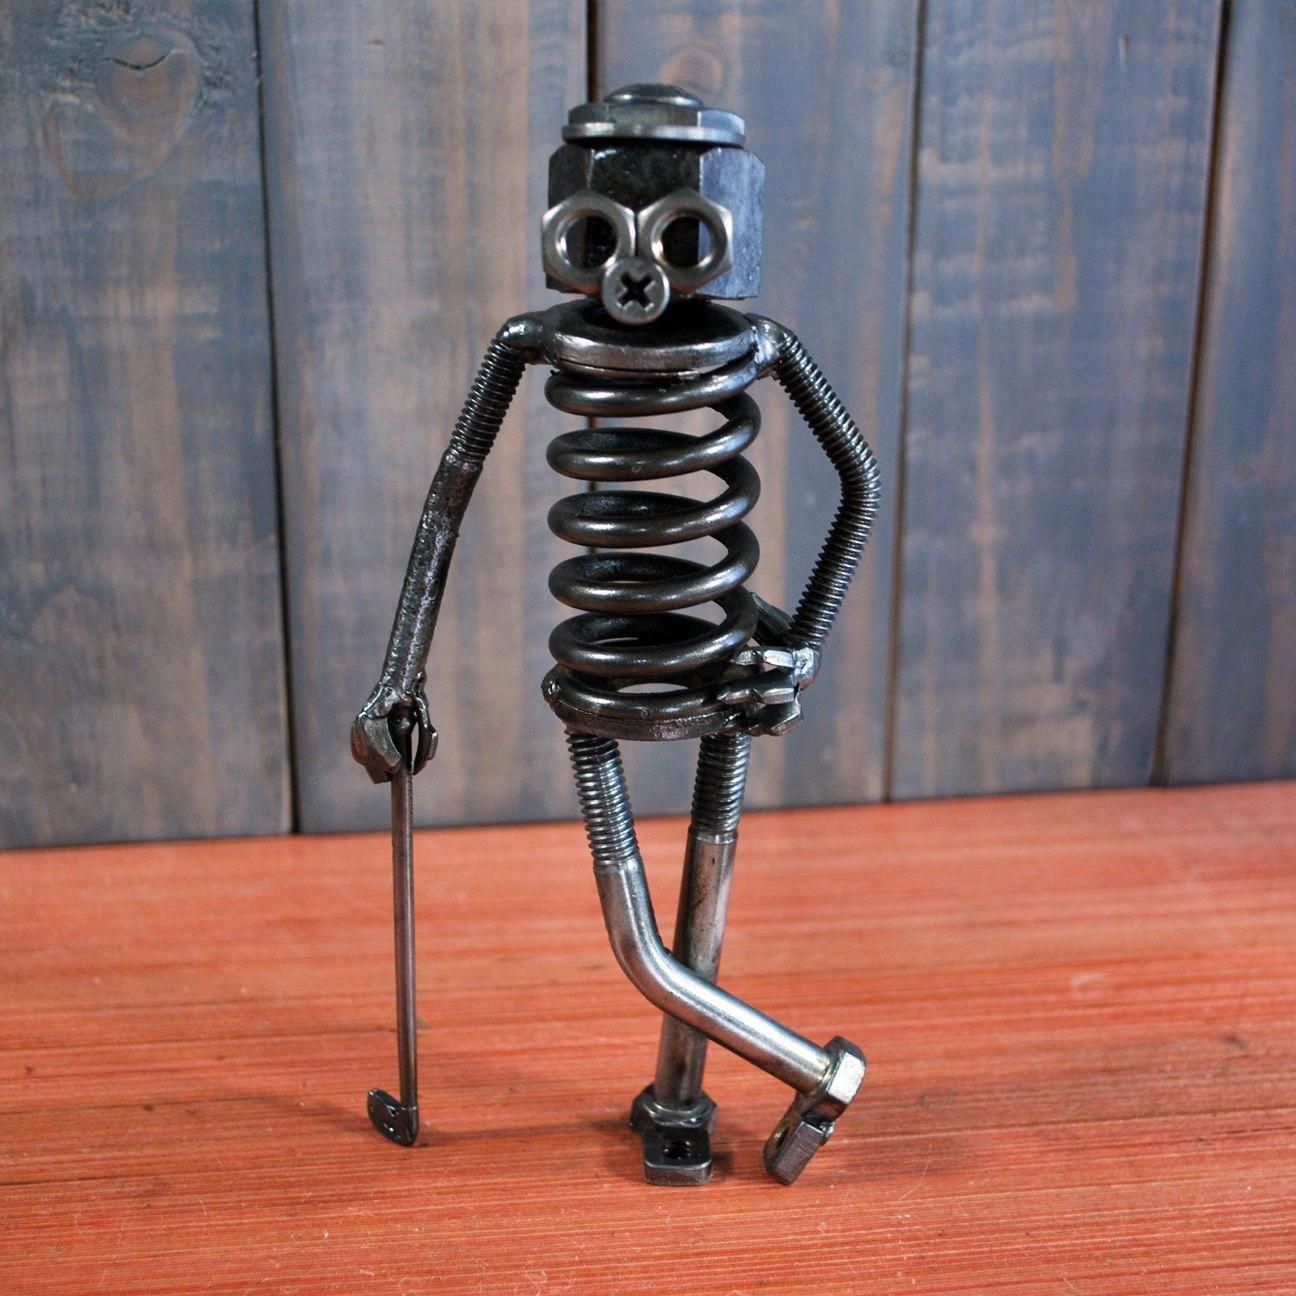 Easy Scrap Metal Art Scrapmetalart Metal Art Welded Metal Art Projects Scrap Metal Art